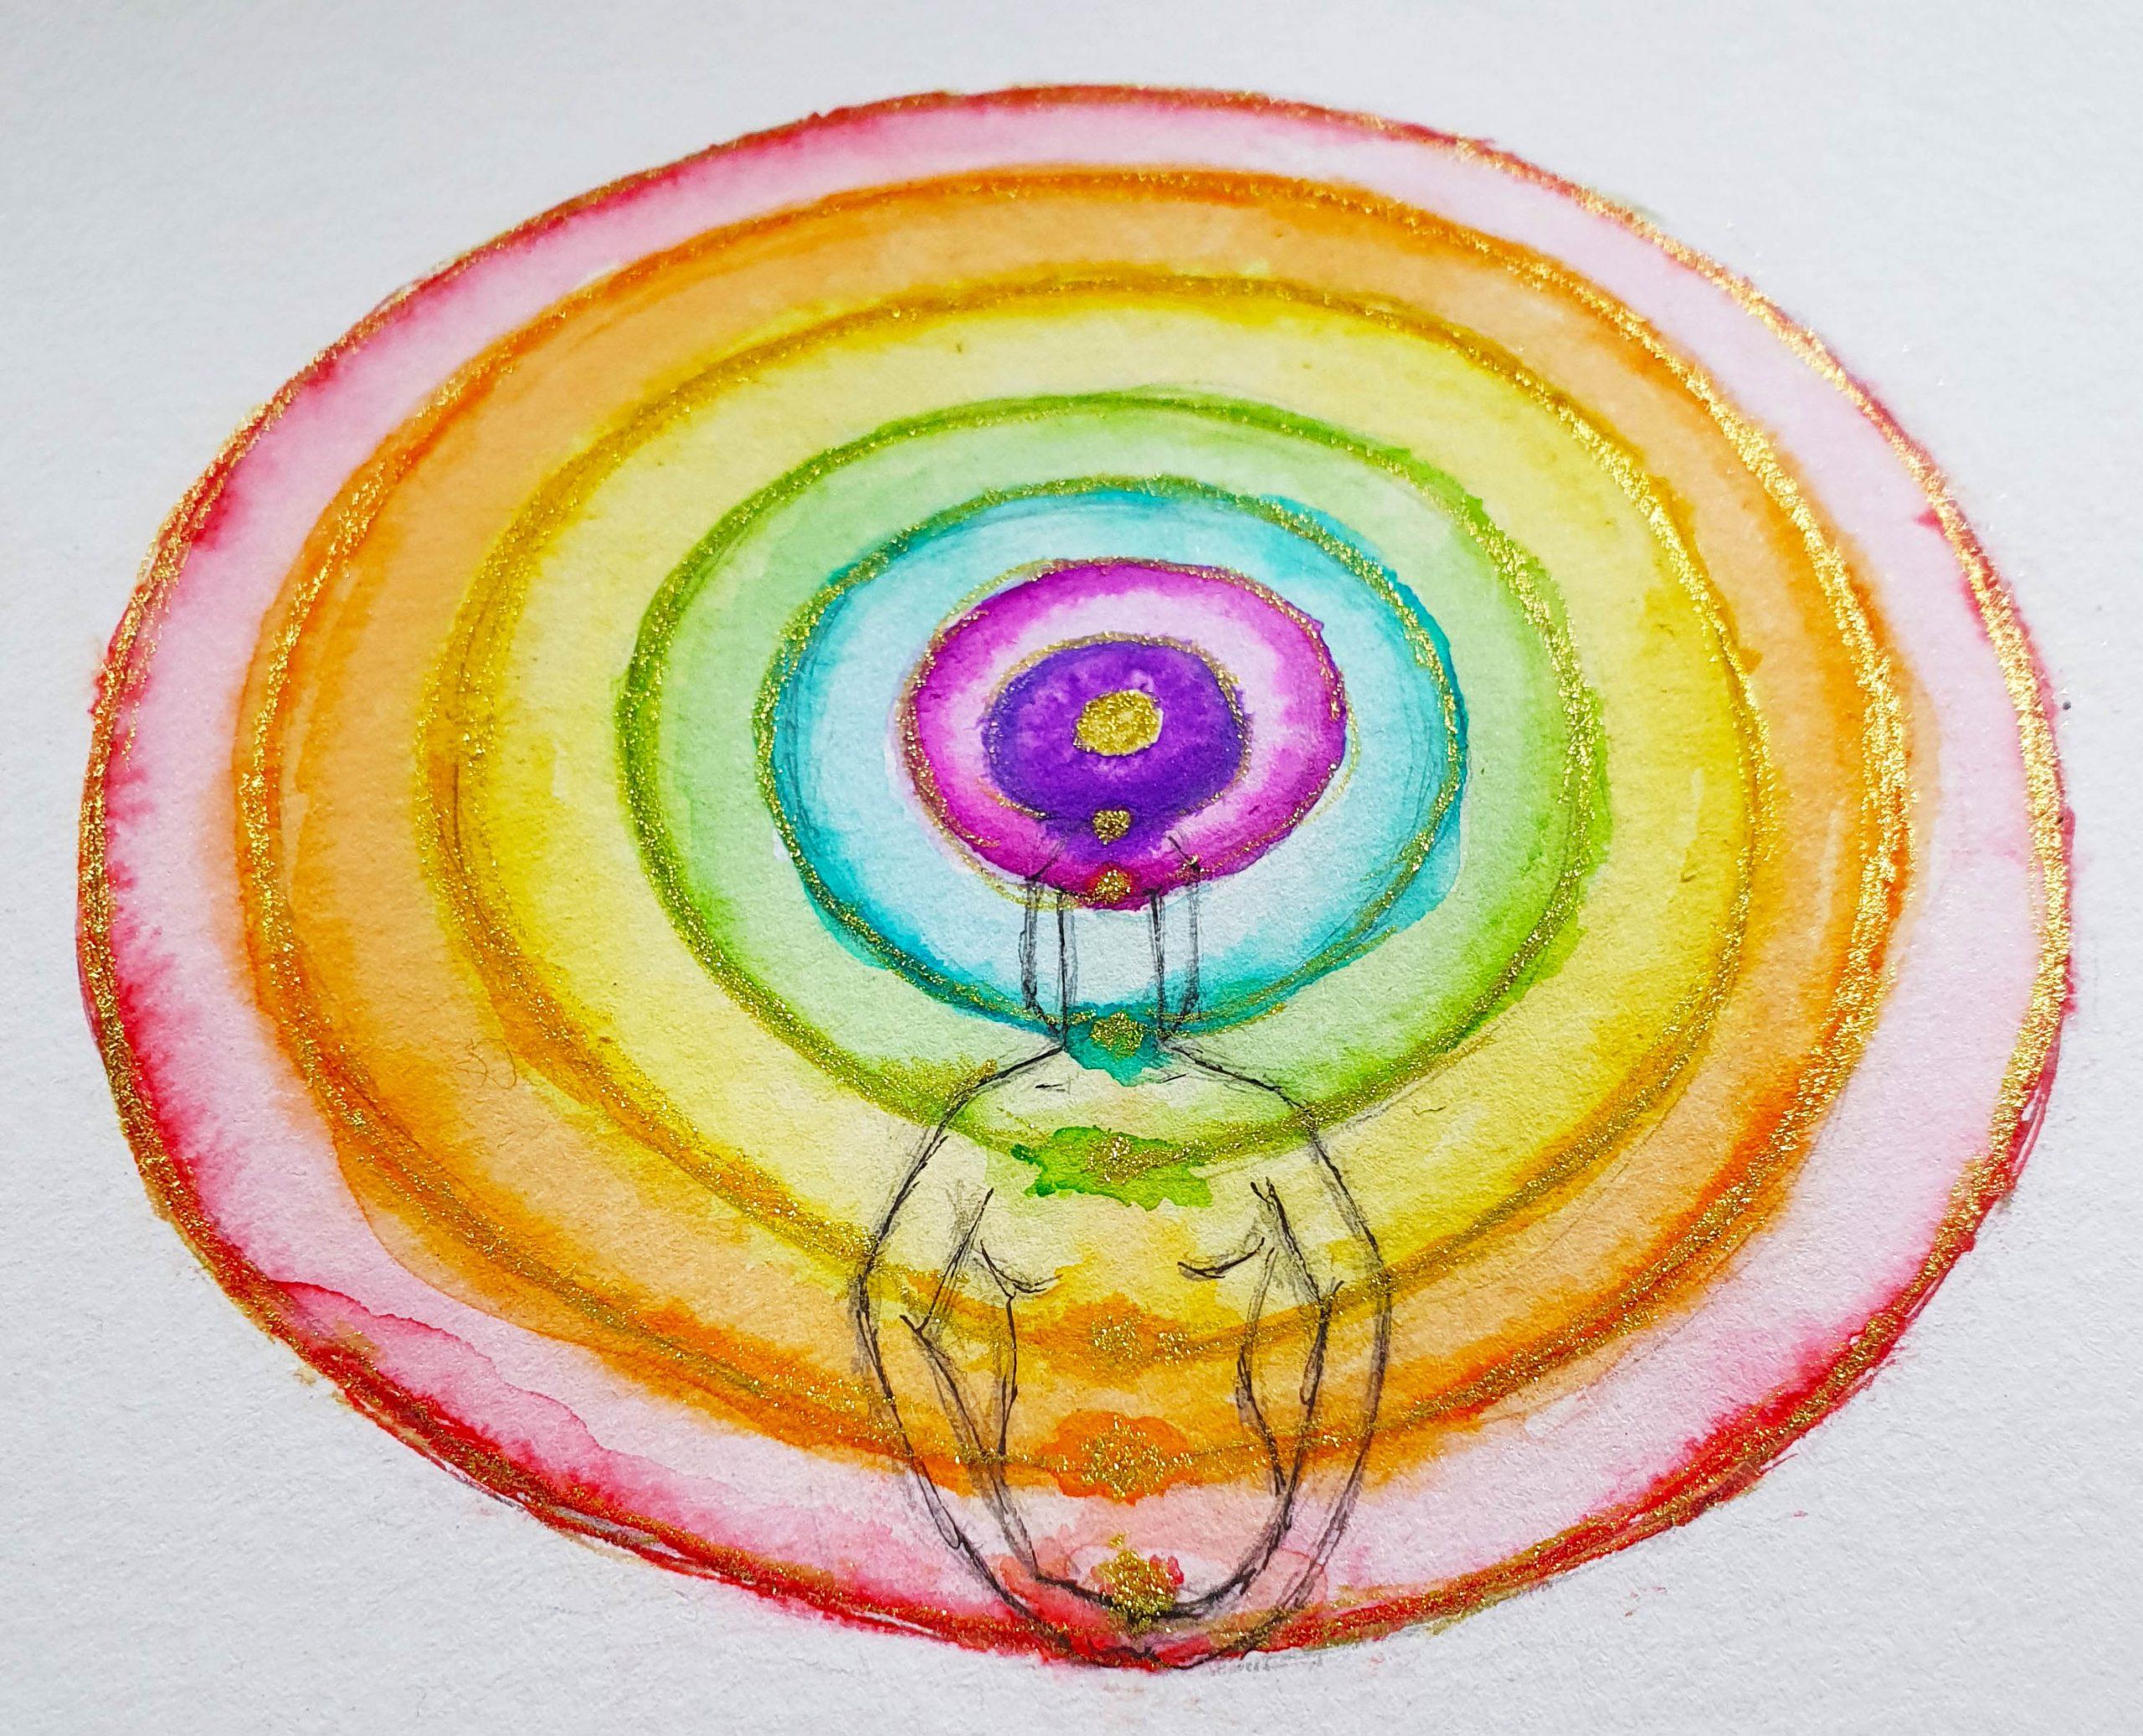 regenboog 3jpg